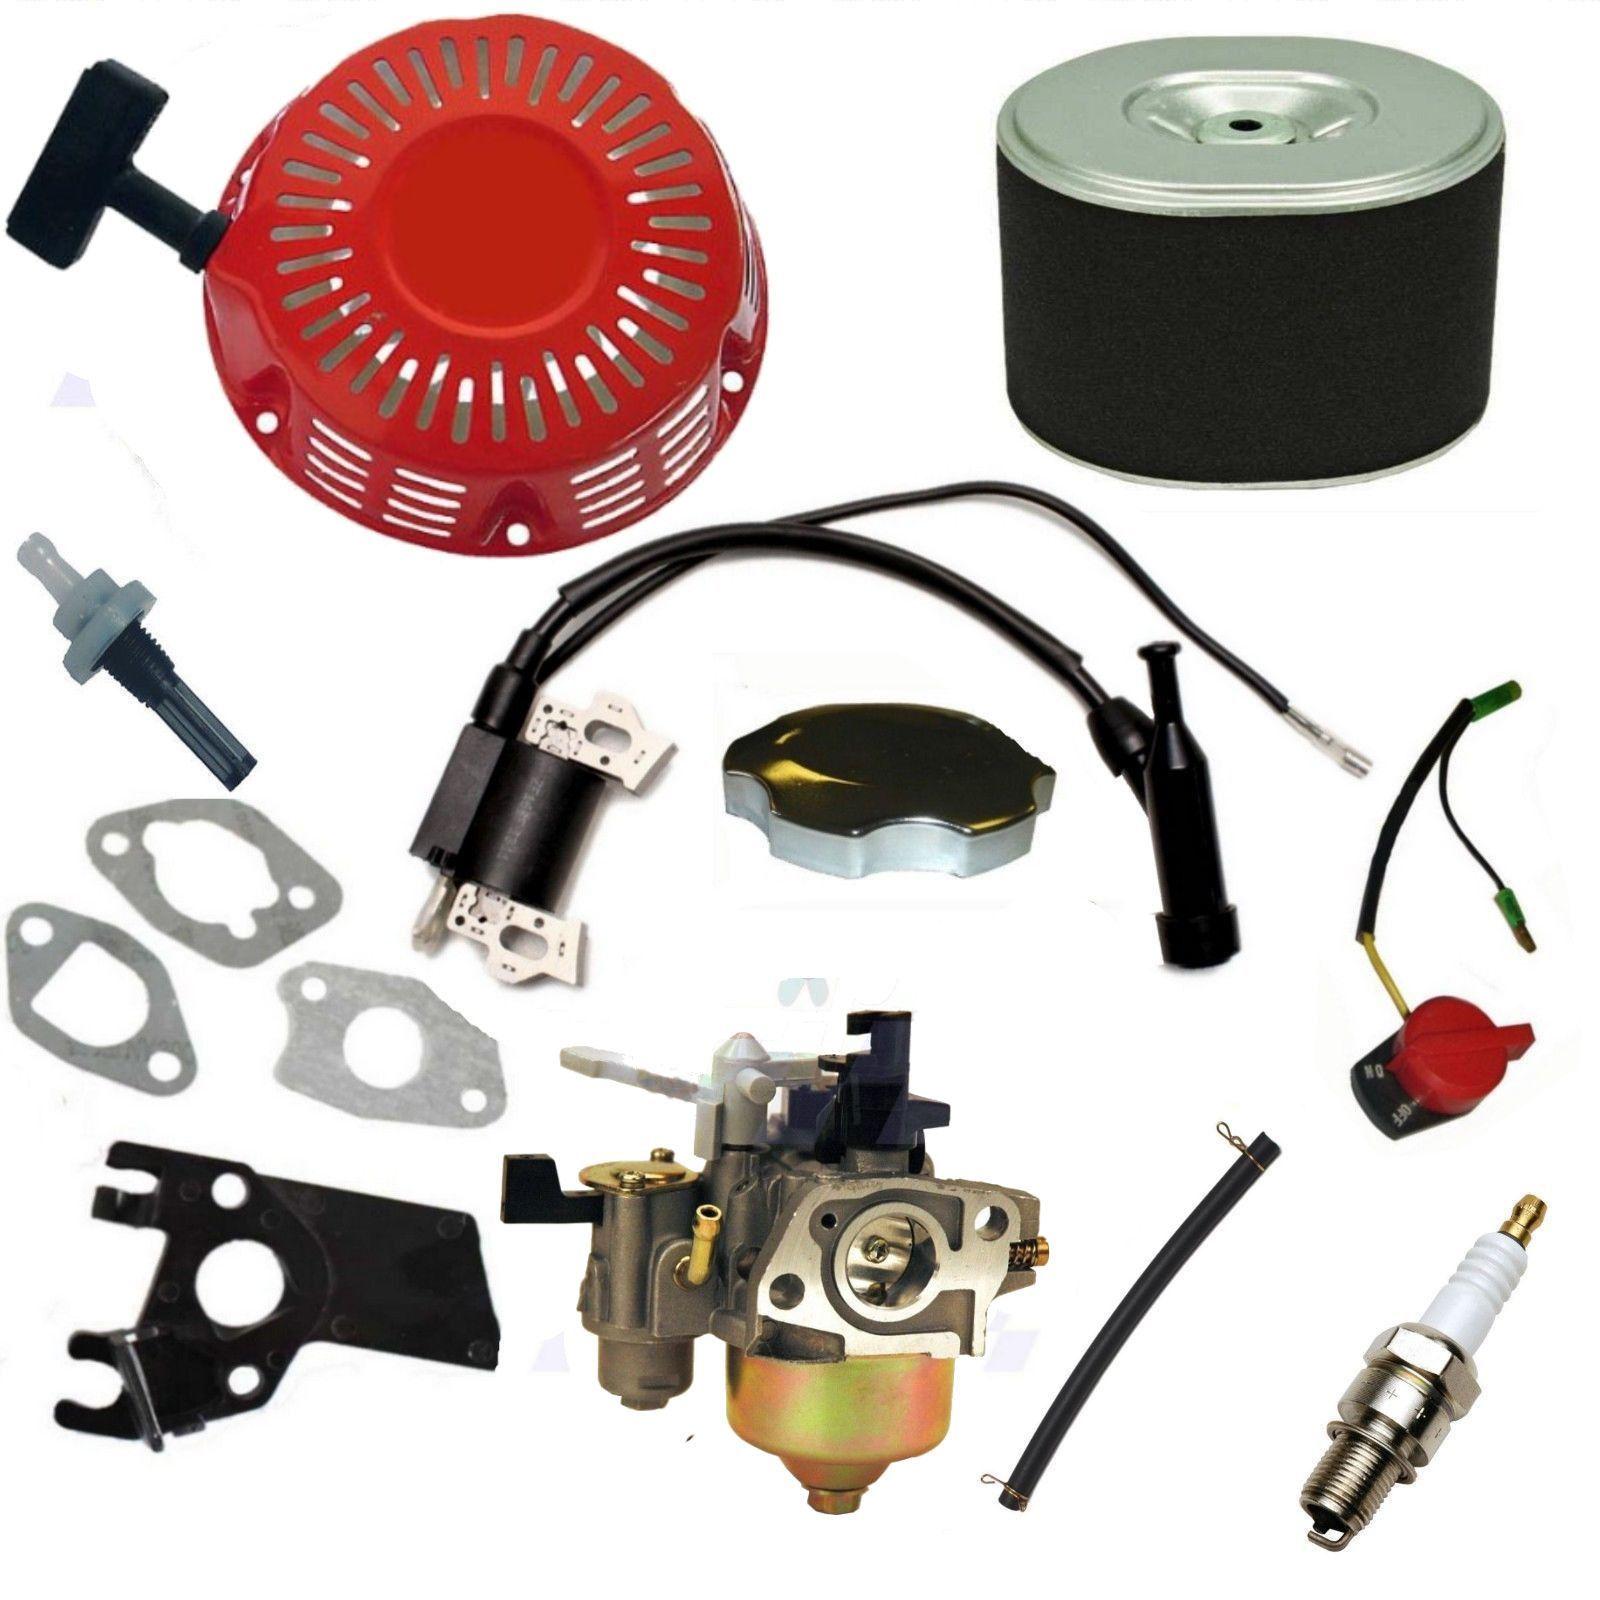 New Honda GX240 Recoil Carburetor Ignition Coil Spark Plug